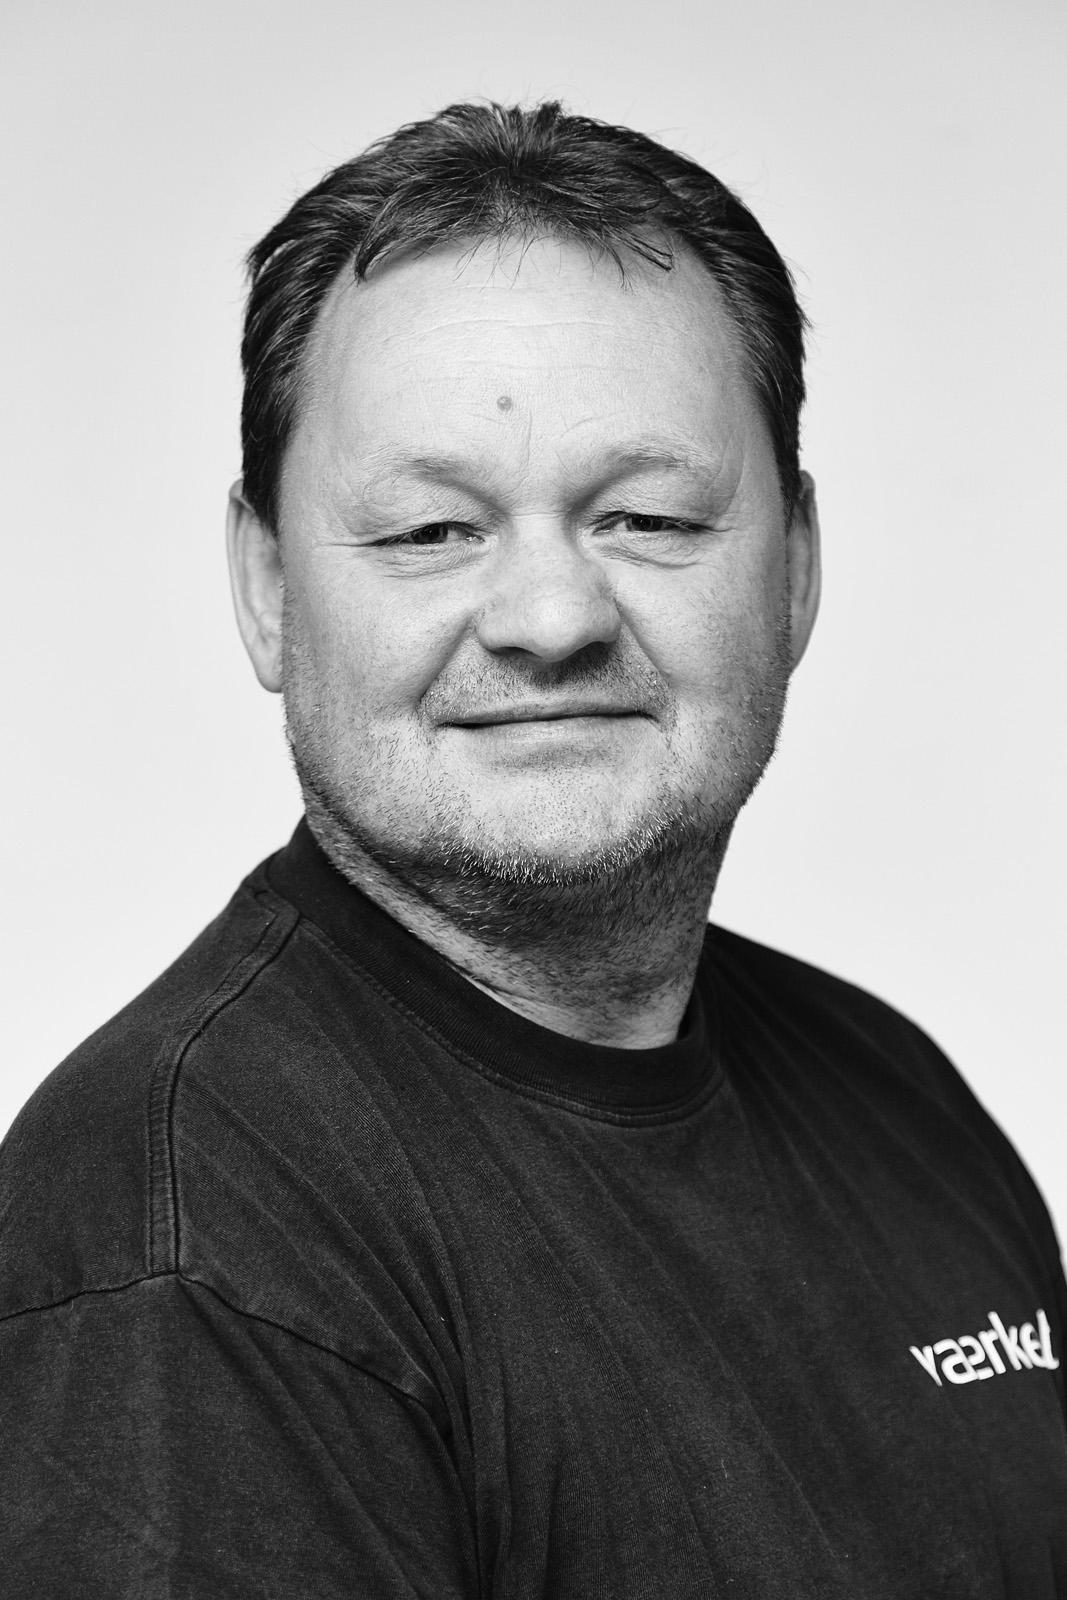 Joe Johansen